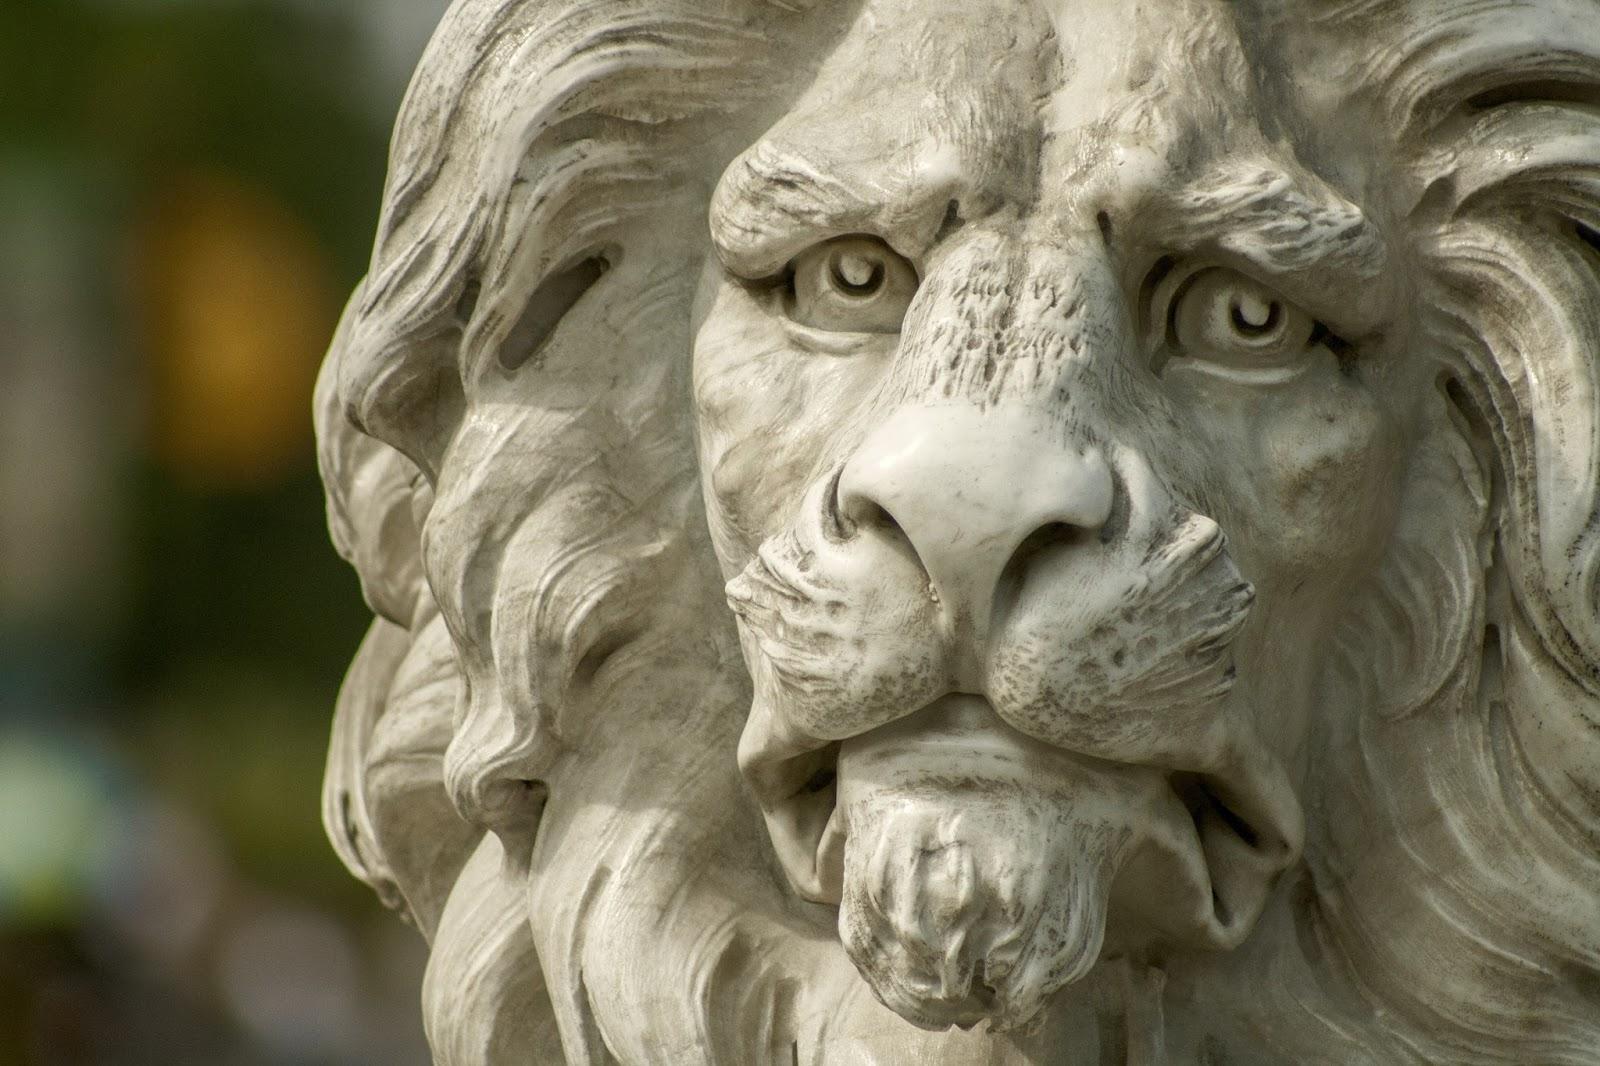 Lwy zarządzania kryzysem